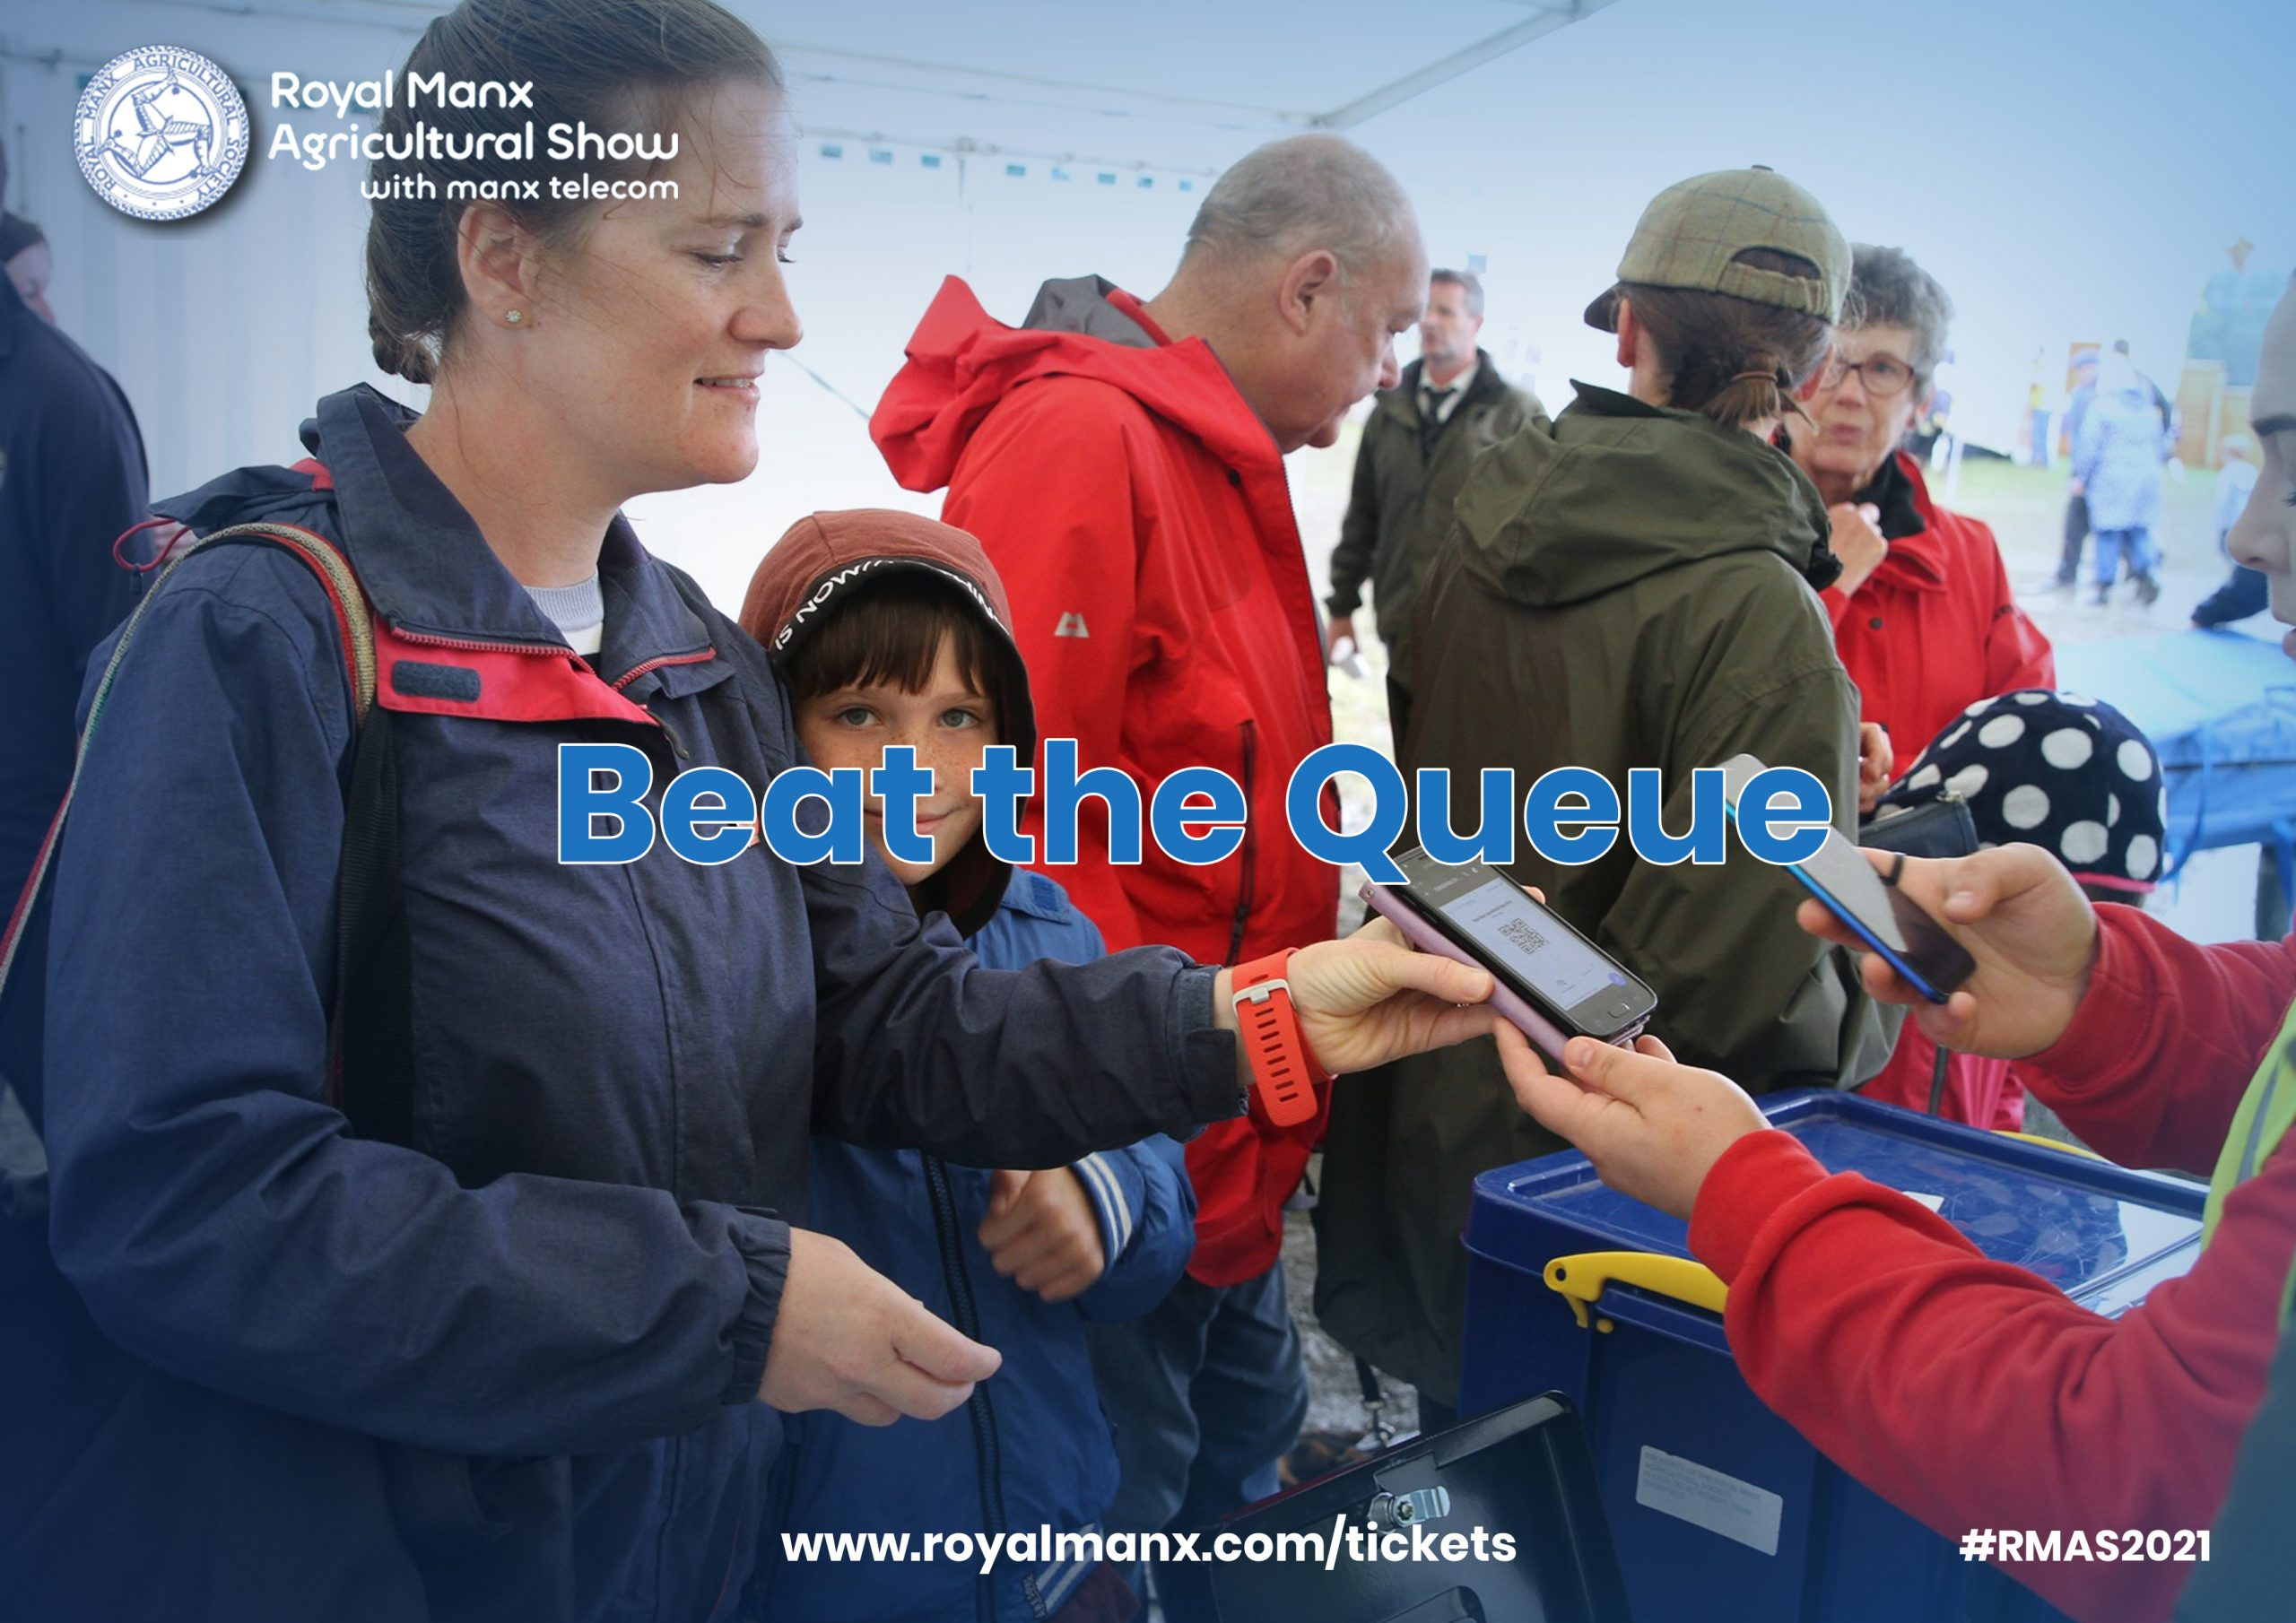 Beat the queue!